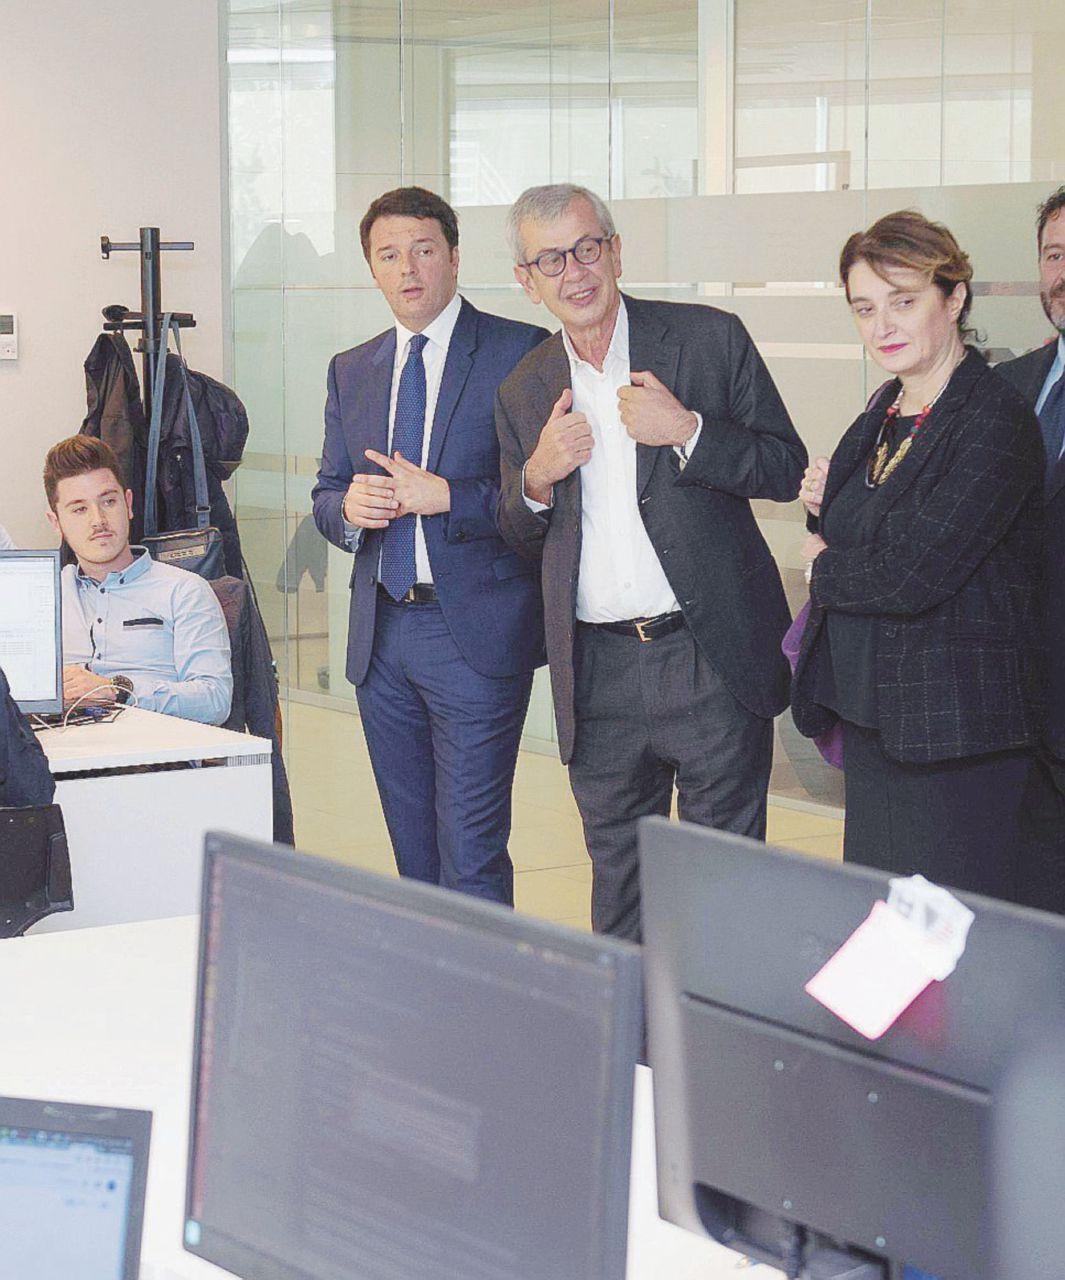 Difesa, gli amici di Renzi a un passo da Vitrociset. Strategica per la sicurezza nazionale